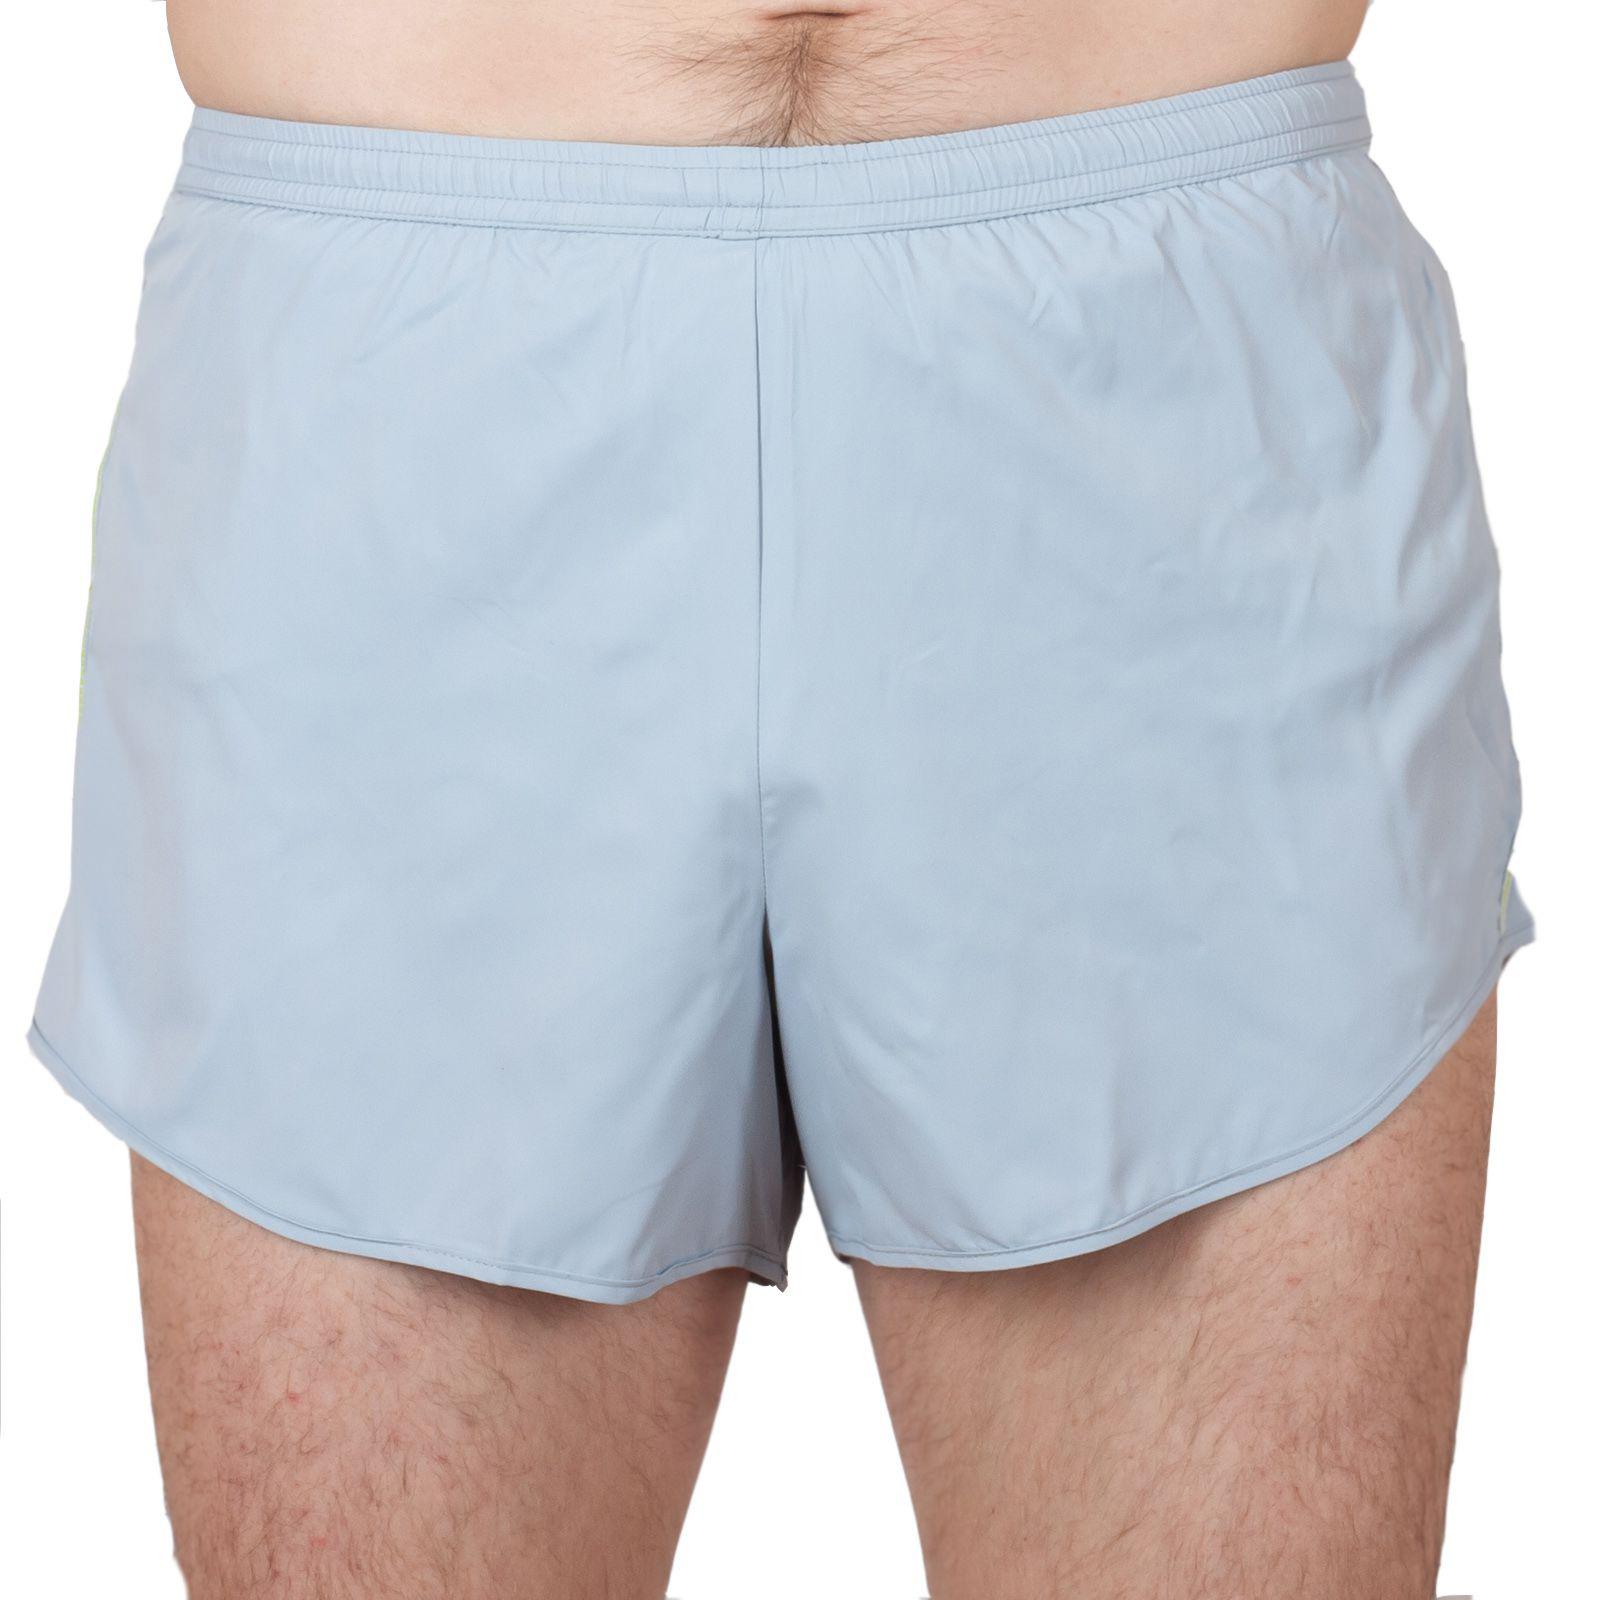 Курортные мужские шорты